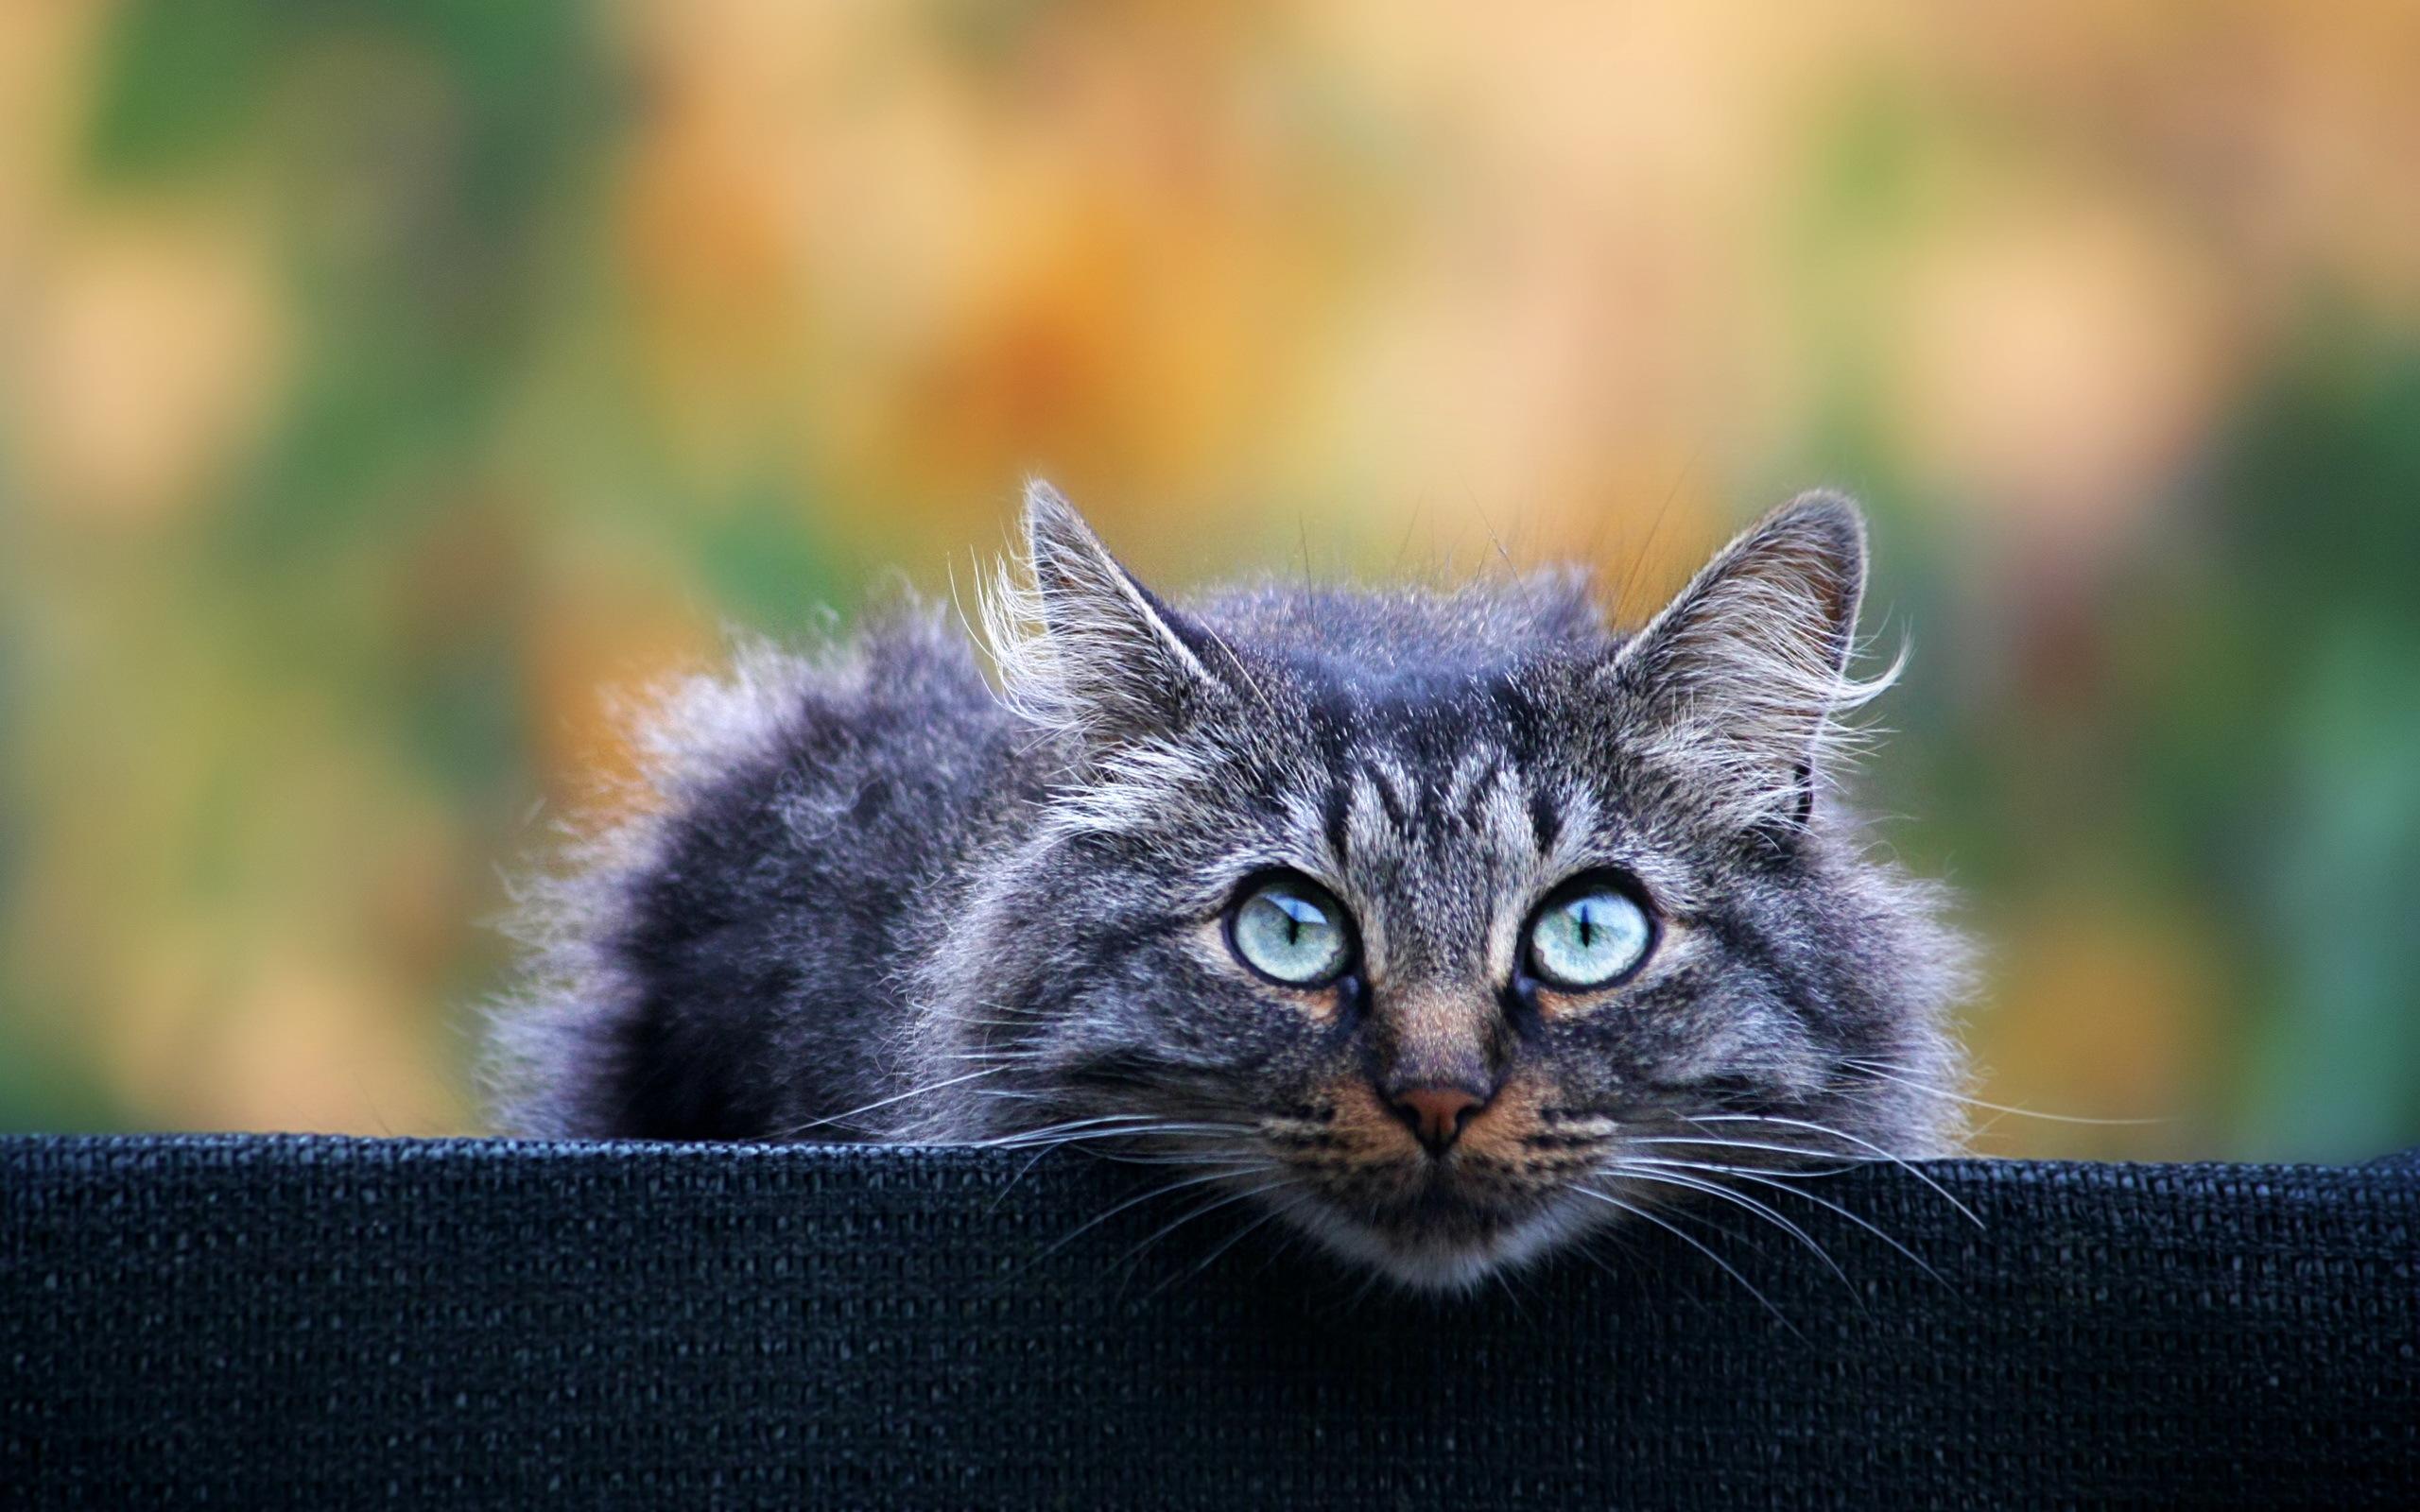 картинки с серыми кошками на рабочий стол отключить